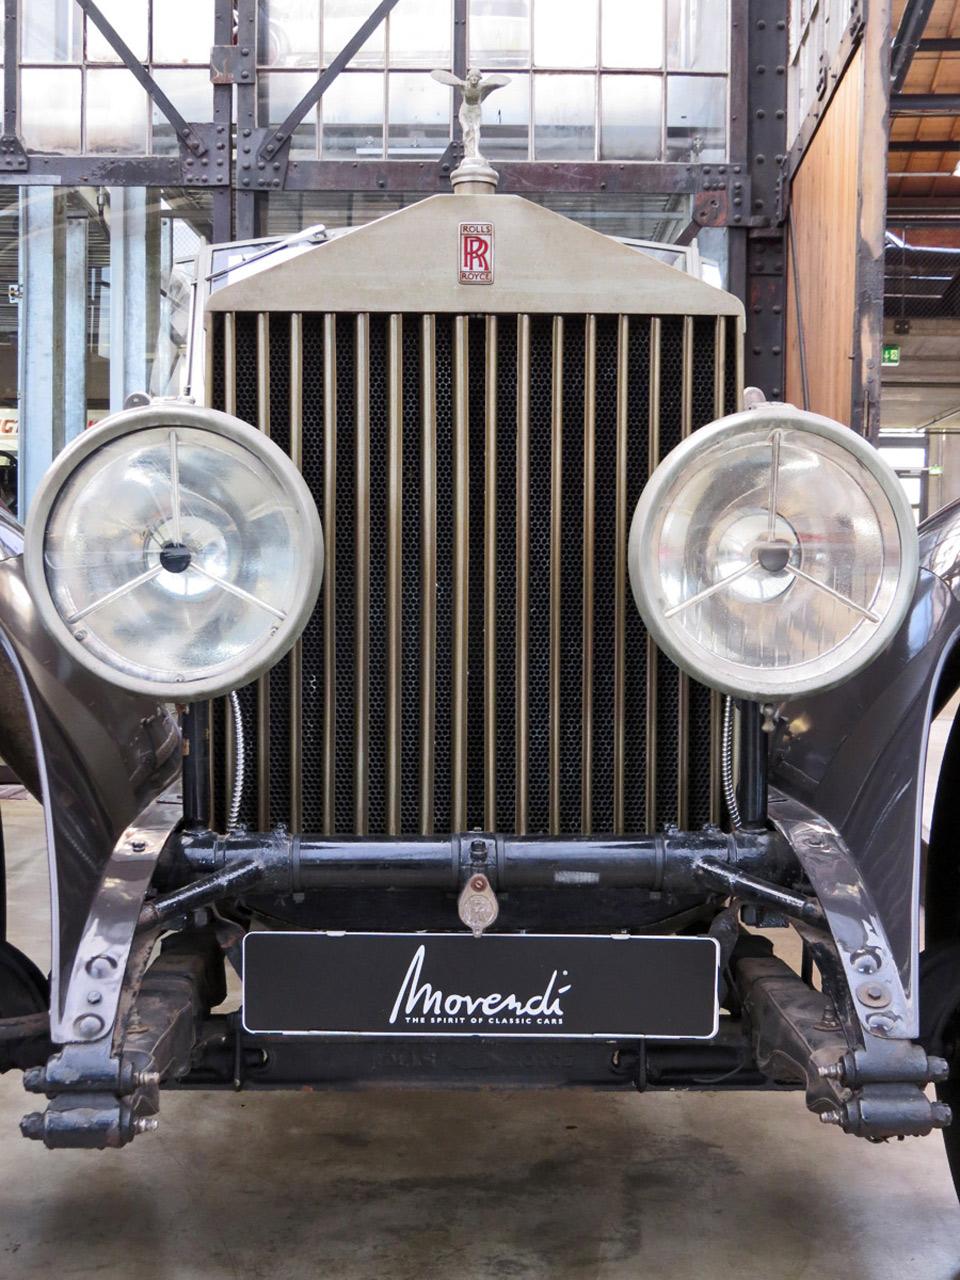 Dieser Rolls-Royce ist straßentauglich und steht in der Classic Remise zum Verkauf